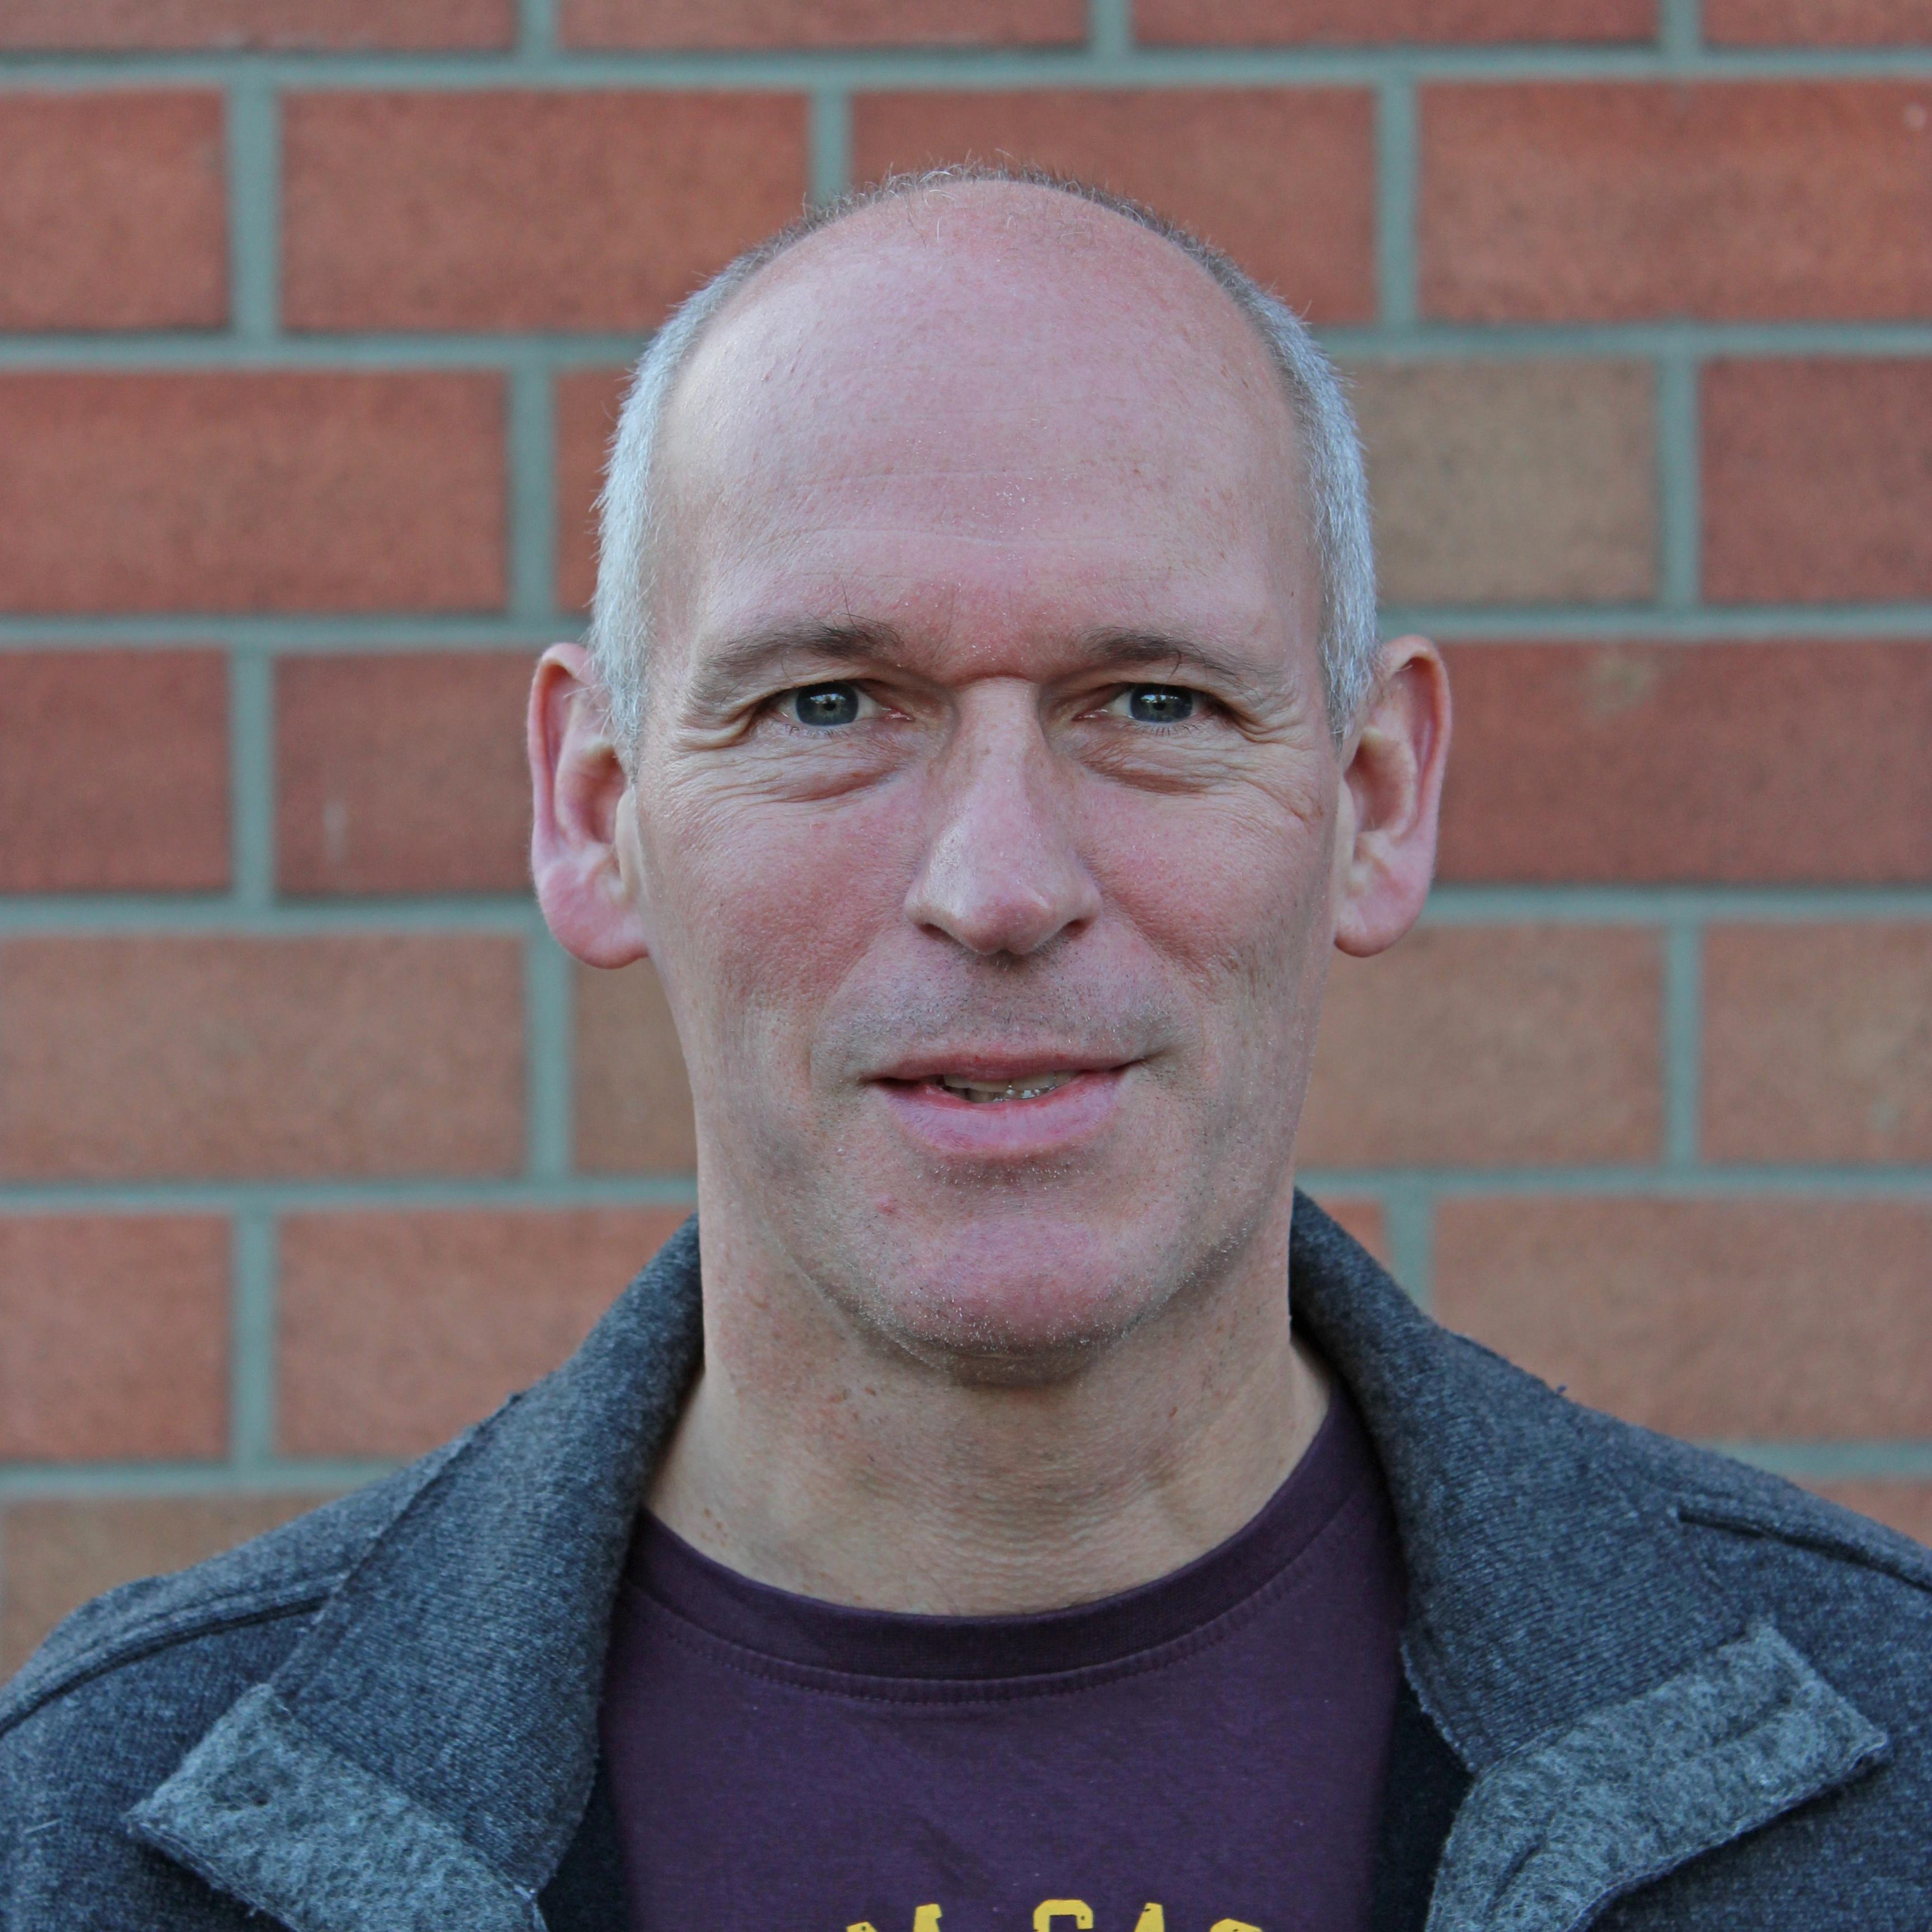 OLIVER SCHWARZ Sozialpädagoge und Diakon hat seinen Dienst begonnen Neuer Leiter des Jugendreferats im Kirchenkreis Paderborn